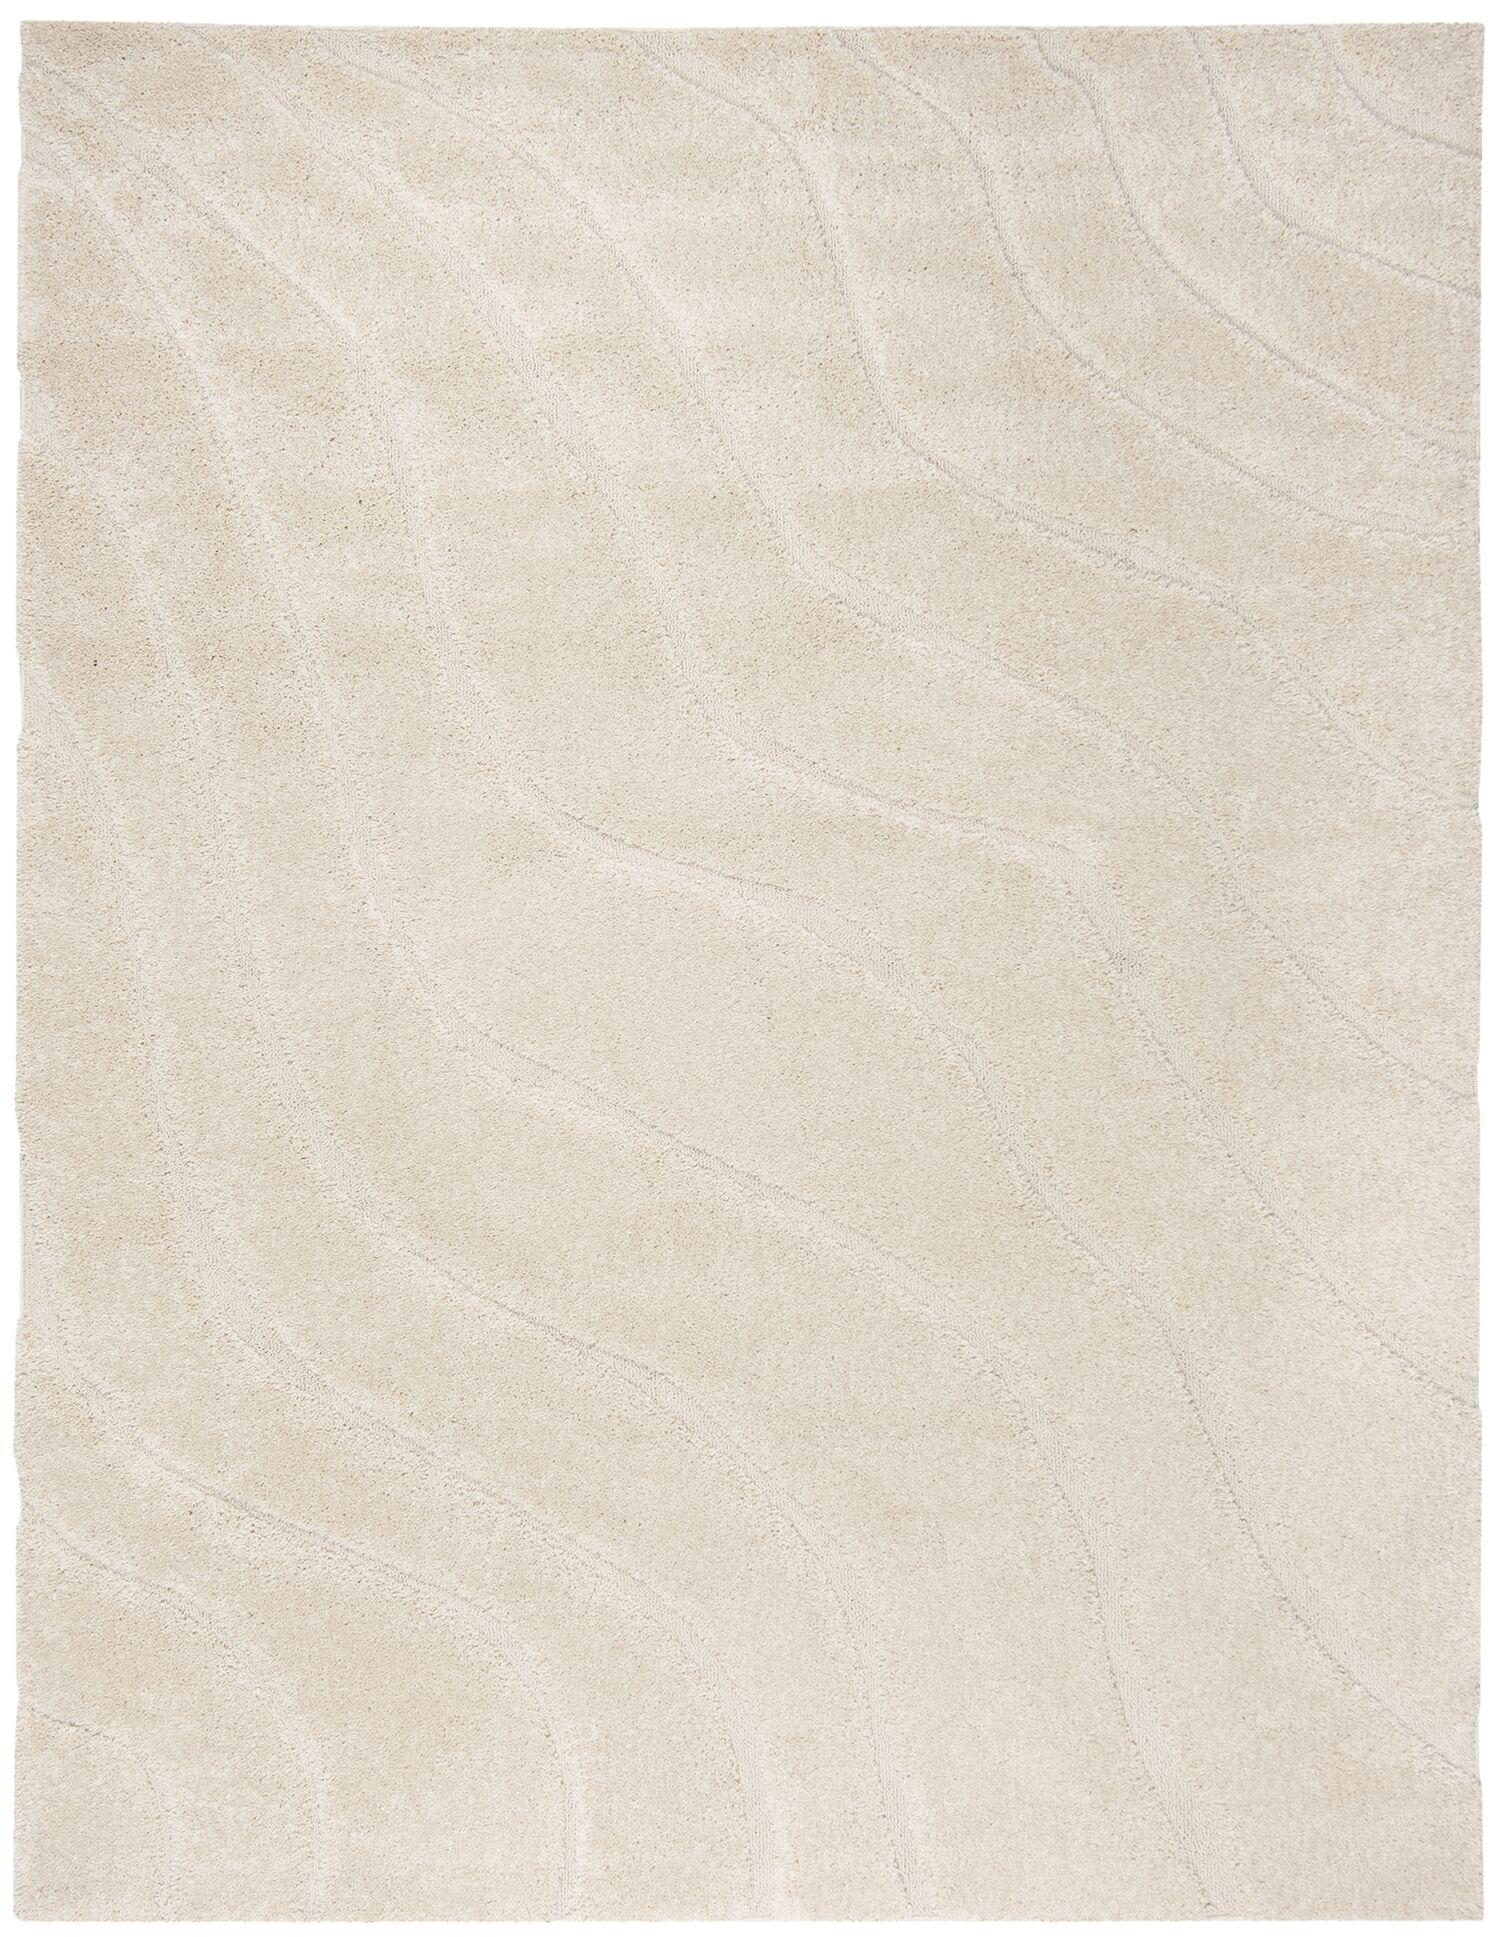 Enrique Cream Area Rug Rug Size: Rectangle 5'3